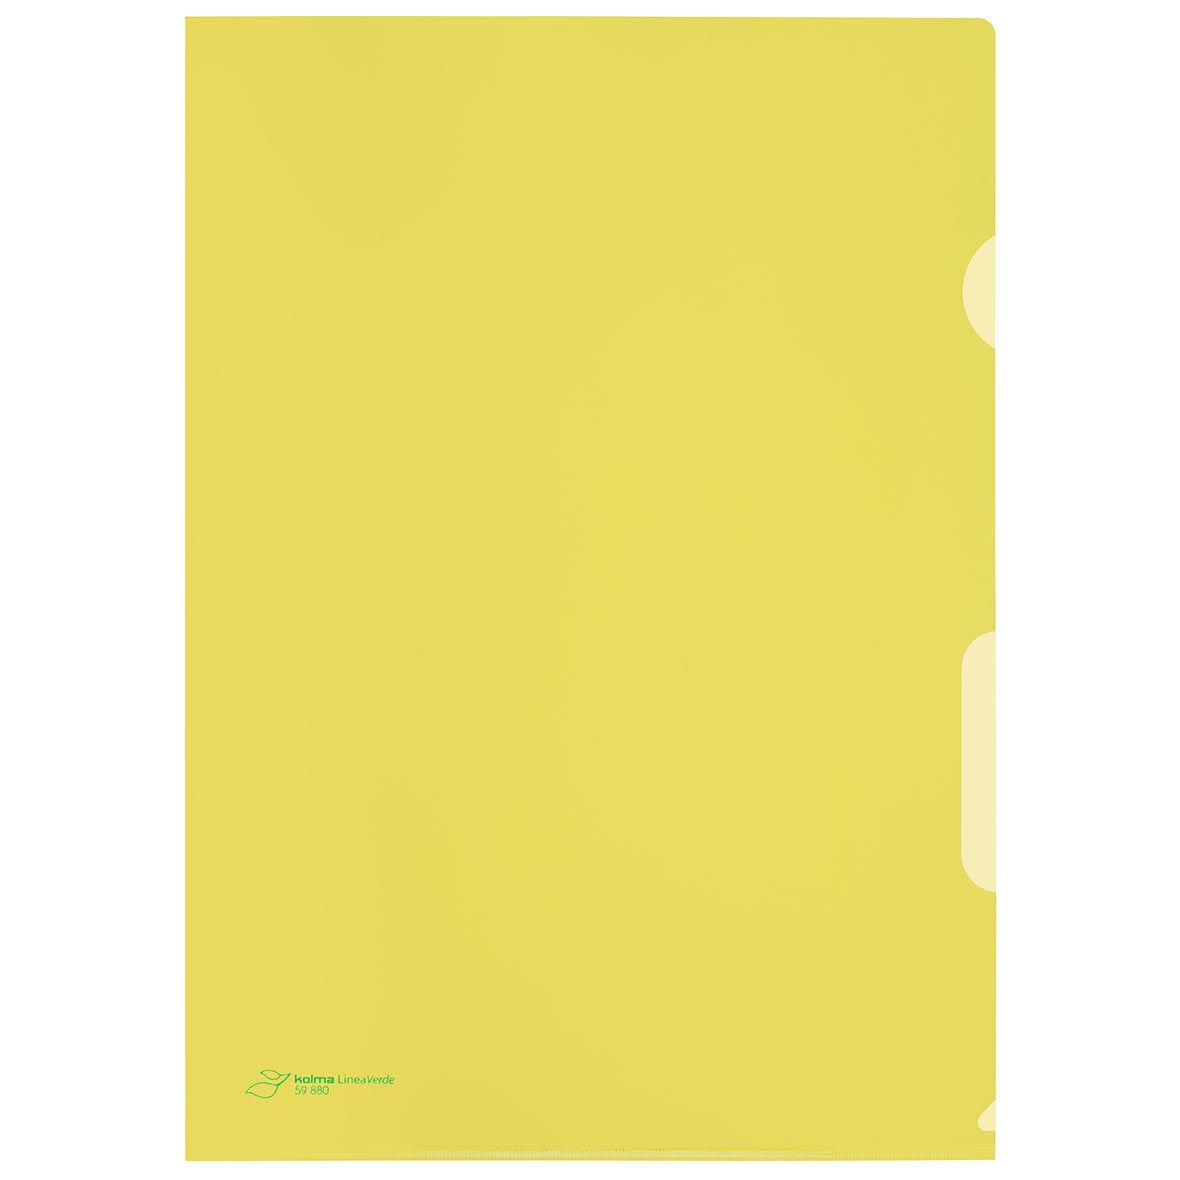 sichtmappe gelb 100 stueck kolma